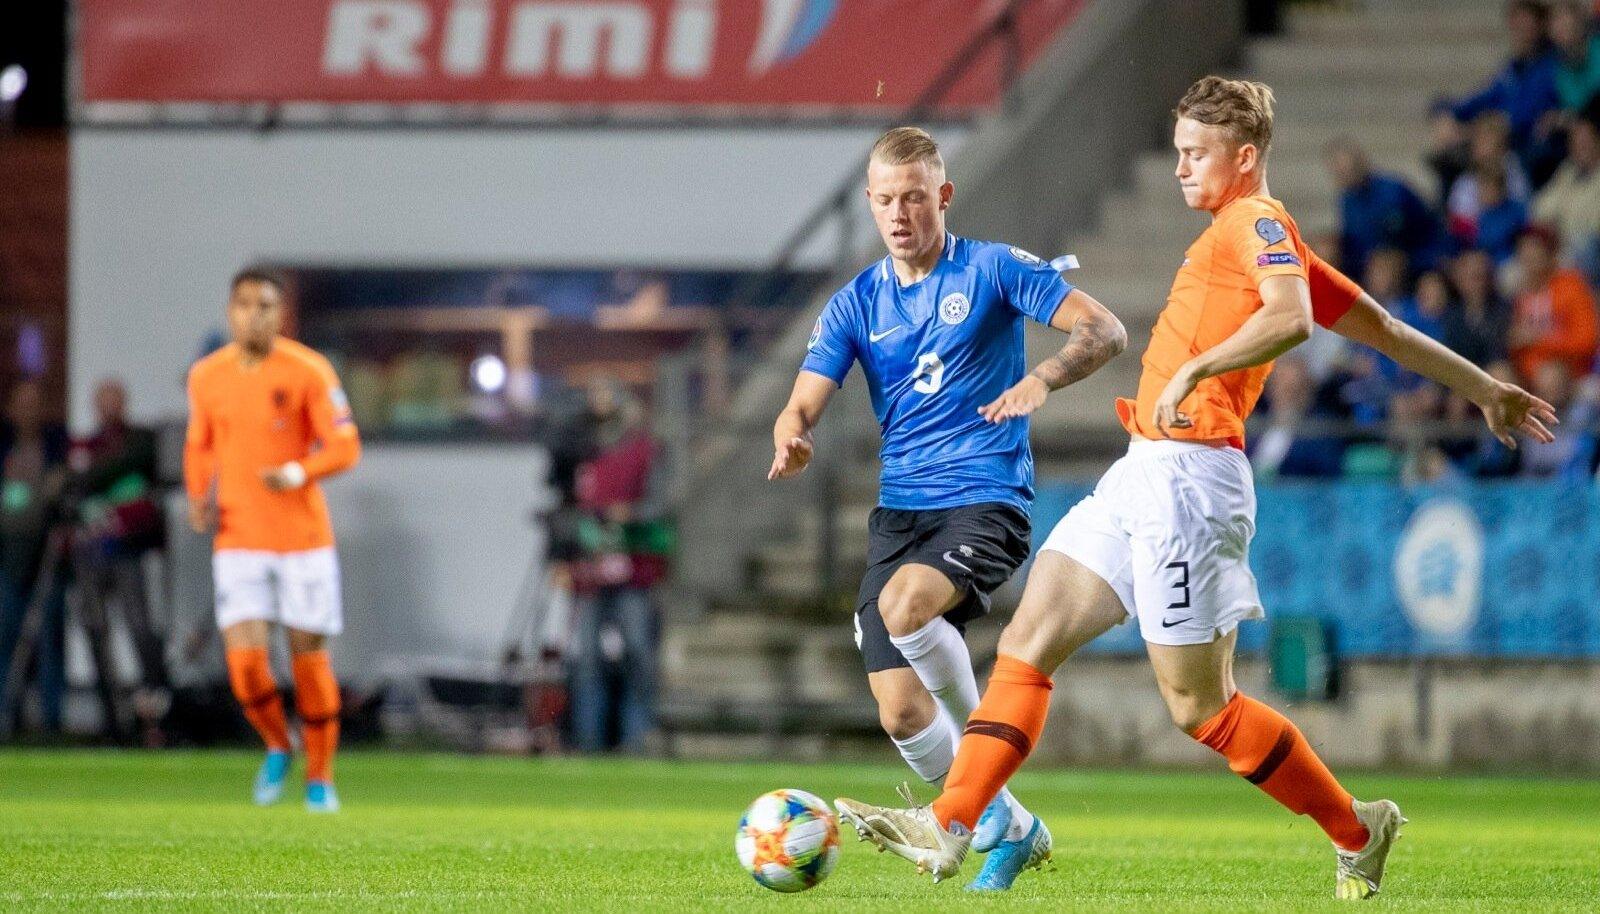 Erik Sorga survestamas Hollandi tähtmängijat Matthijs de Ligti. Sorga usub, et ühegi vastase ees ei tohi aukartust tunda.